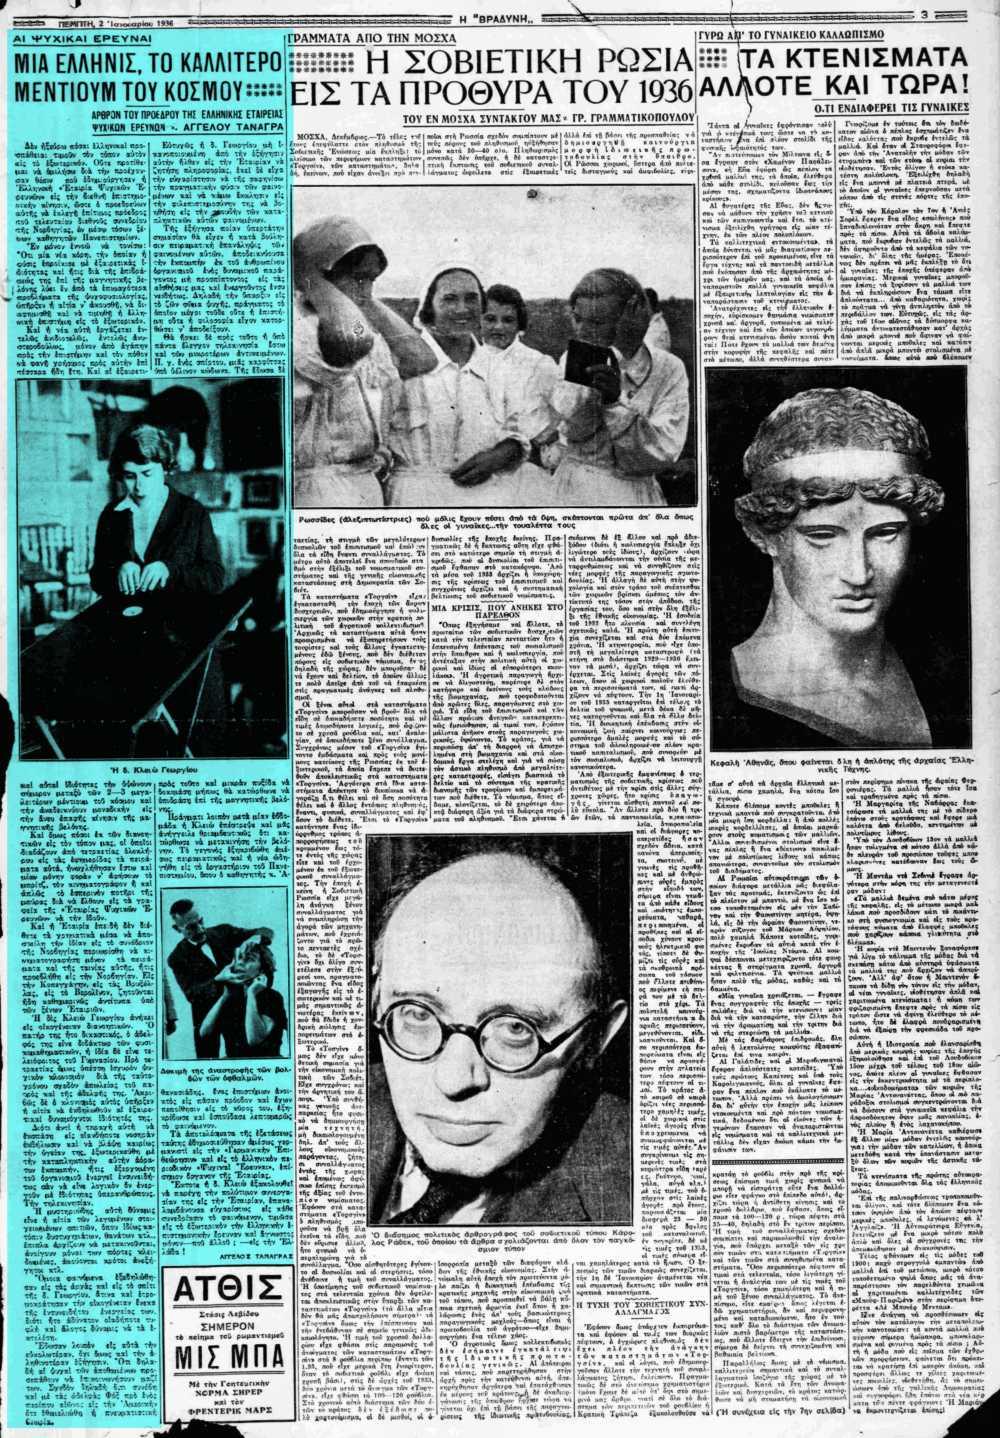 """Το άρθρο, όπως δημοσιεύθηκε στην εφημερίδα """"Η ΒΡΑΔΥΝΗ"""", στις 02/01/1936"""